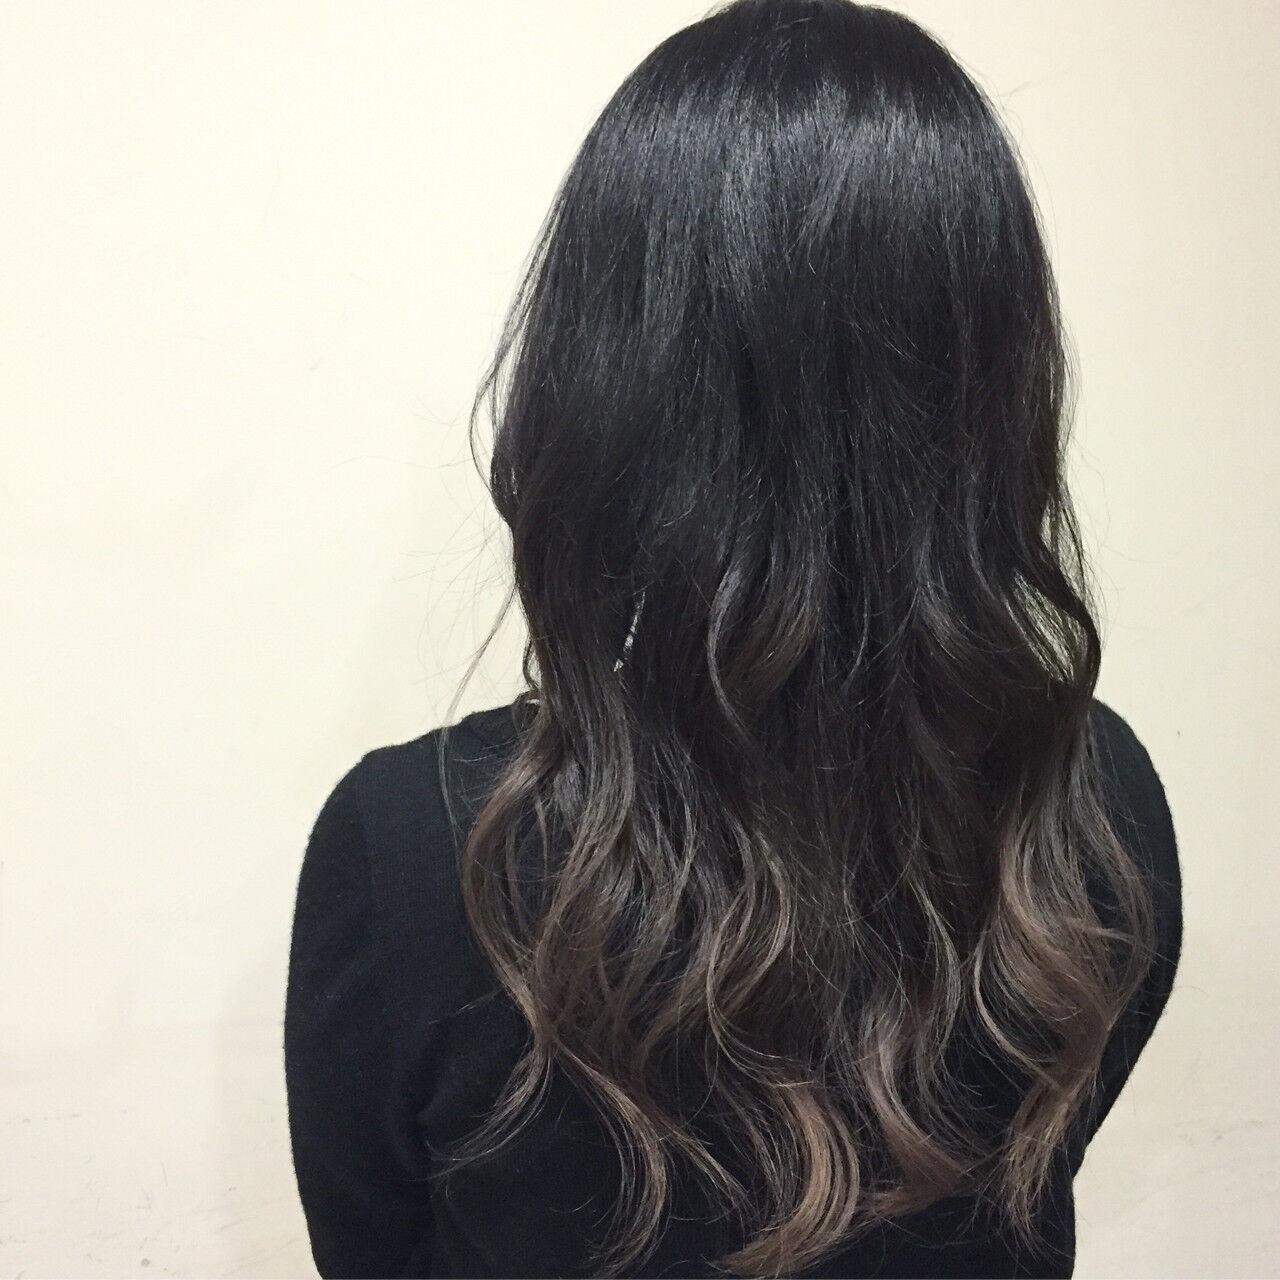 グラデーションカラー 暗髪 セミロング グレージュヘアスタイルや髪型の写真・画像